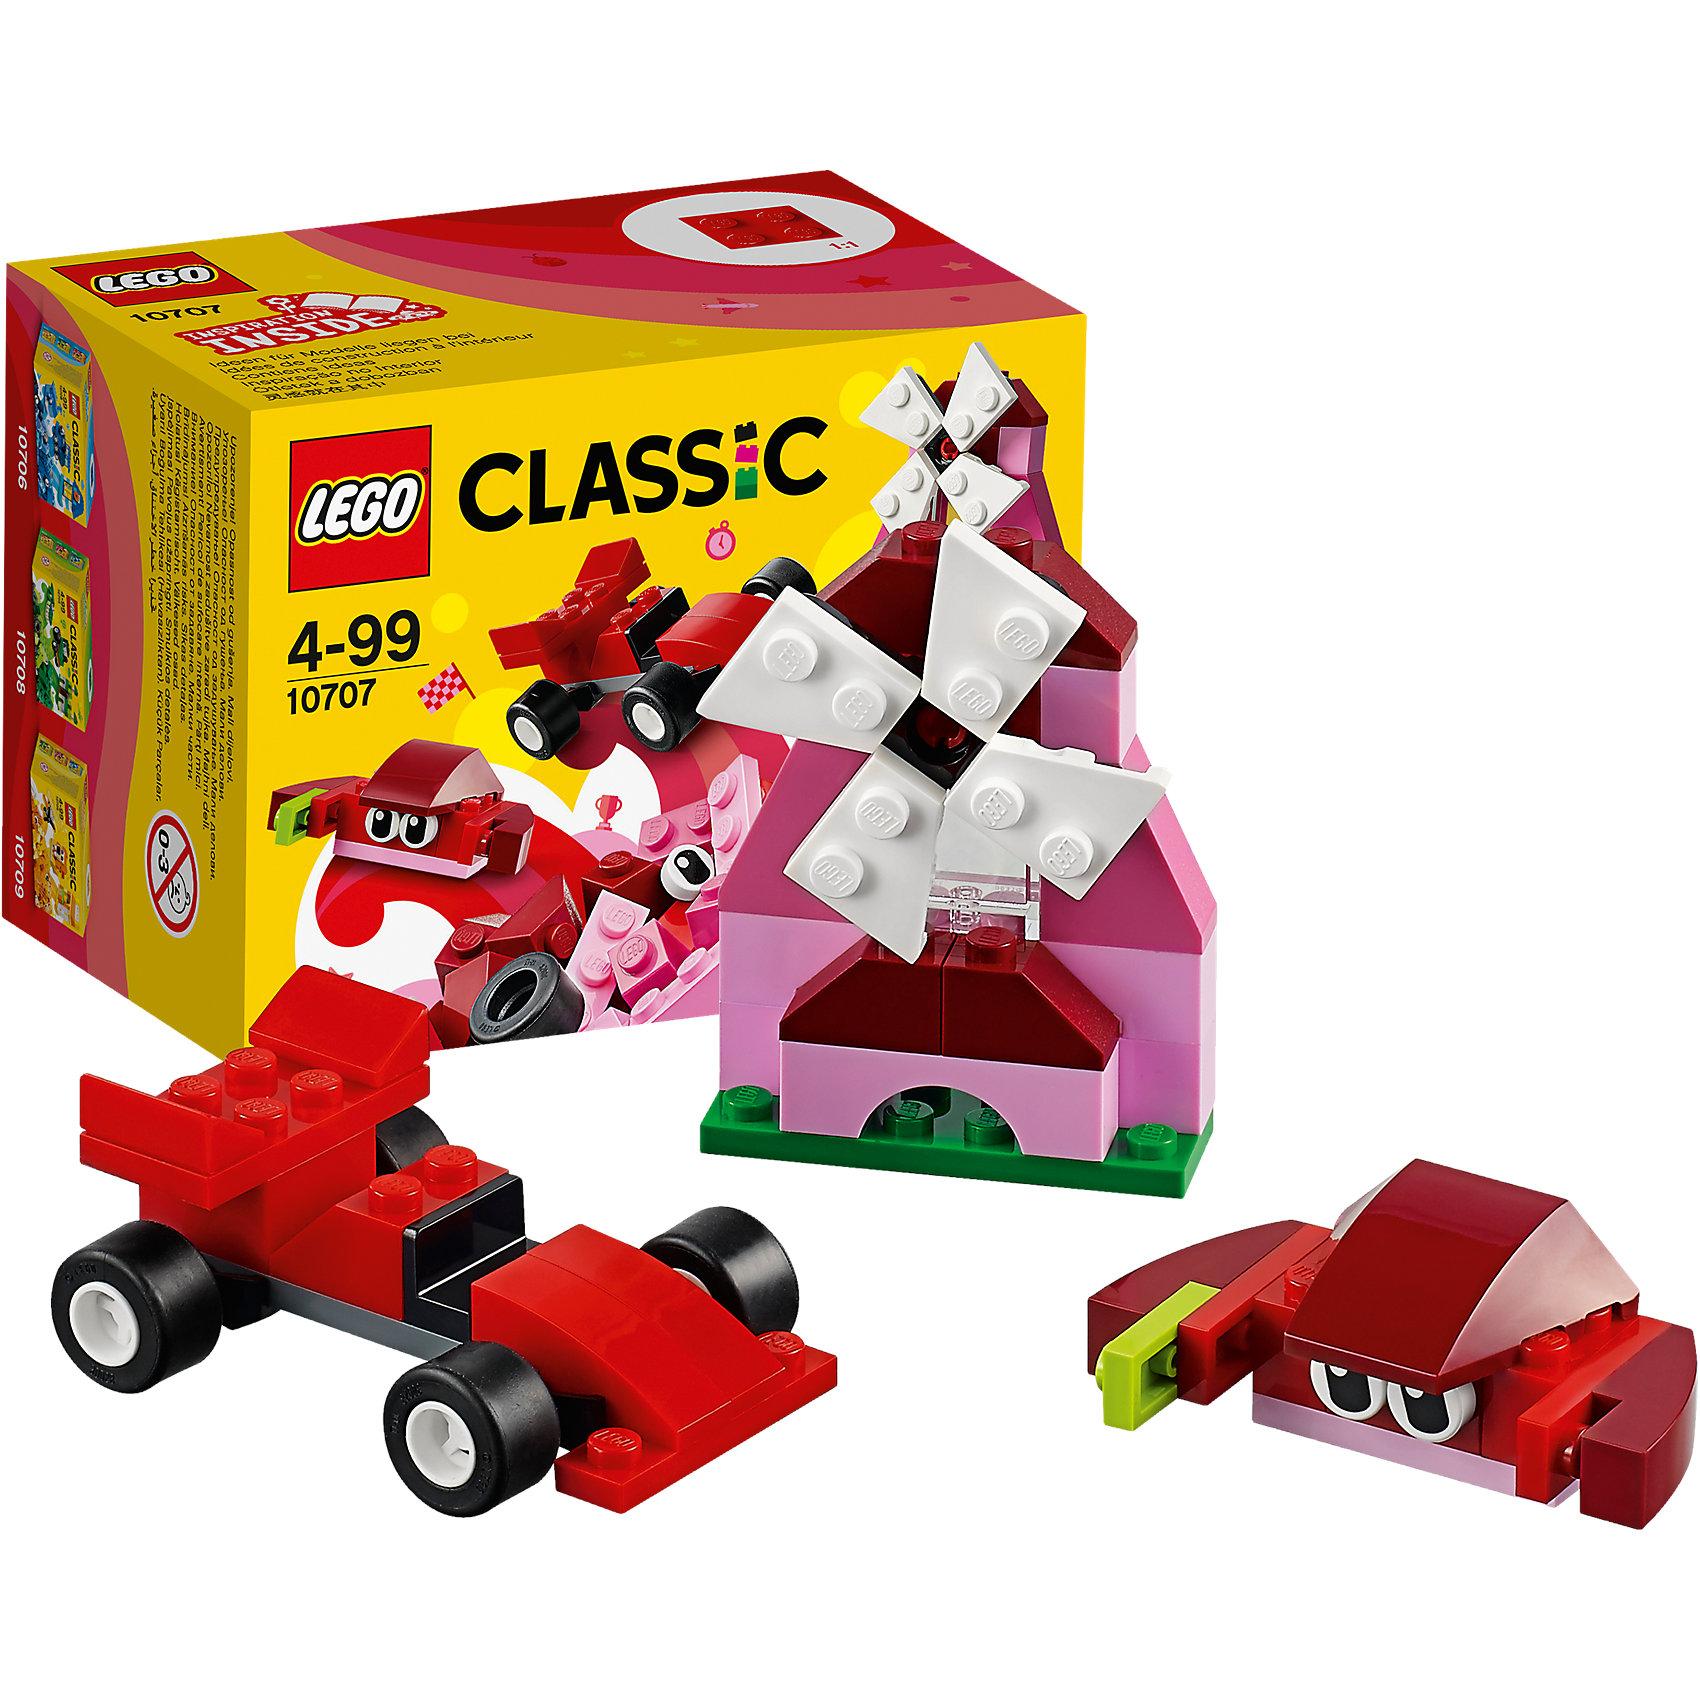 LEGO Classic 10707: Красный набор для творчестваLEGO Classic 10707: Красный набор для творчества<br><br>Характеристики:<br><br>- в набор входит: детали гоночного болида, мельницы и краба, аксессуары, красочная инструкция<br>- состав: пластик<br>- количество деталей: 55 <br>- размер упаковки: 12 * 8 * 9 см.<br>- для детей в возрасте: от 4 лет<br>- Страна производитель: Дания/Китай/Чехия<br><br>Легендарный конструктор LEGO (ЛЕГО) представляет серию «Classic» (Классик), предназначенную для свободного конструирования. В наборы этой серии включены разнообразные детали, позволяющие строить в свое удовольствие и на свое усмотрение. Красный набор для творчества включает в себя деталь с колесиками, две детали глаз, крутящиеся детали мельницы и стандартные детали. С помощью этого набора можно собрать по инструкции краба, мельницу и гоночную машину, а также придумать свои транспортные средства, своих животных и свой домик. В красном наборе представлено пять оттенков красного, а также белые, зеленые, черные и салатовые детали. Играя с конструктором ребенок развивает моторику рук, воображение и логическое мышление. Воплотите в жизнь свои идеи с помощью набора LEGO «Classic»!<br><br>Конструктор LEGO Classic 10707: Красный набор для творчества можно купить в нашем интернет-магазине.<br><br>Ширина мм: 122<br>Глубина мм: 78<br>Высота мм: 91<br>Вес г: 89<br>Возраст от месяцев: 48<br>Возраст до месяцев: 144<br>Пол: Унисекс<br>Возраст: Детский<br>SKU: 5002504